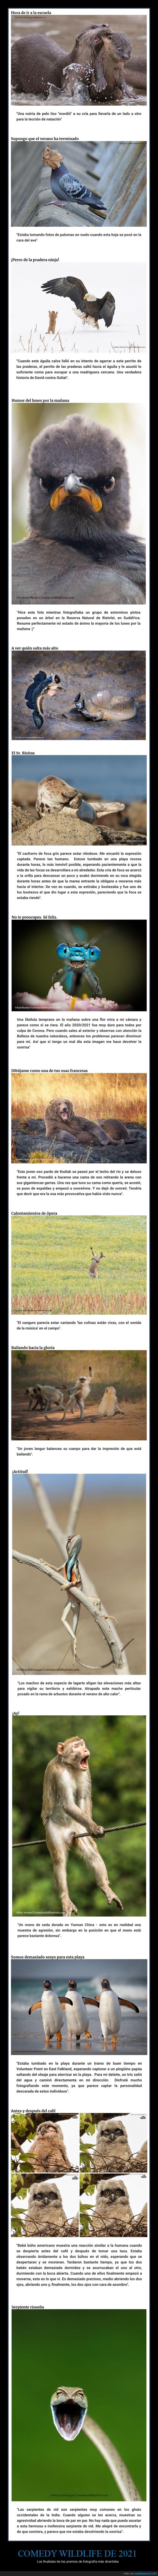 animales,comedy wildlife,concurso,fotografía